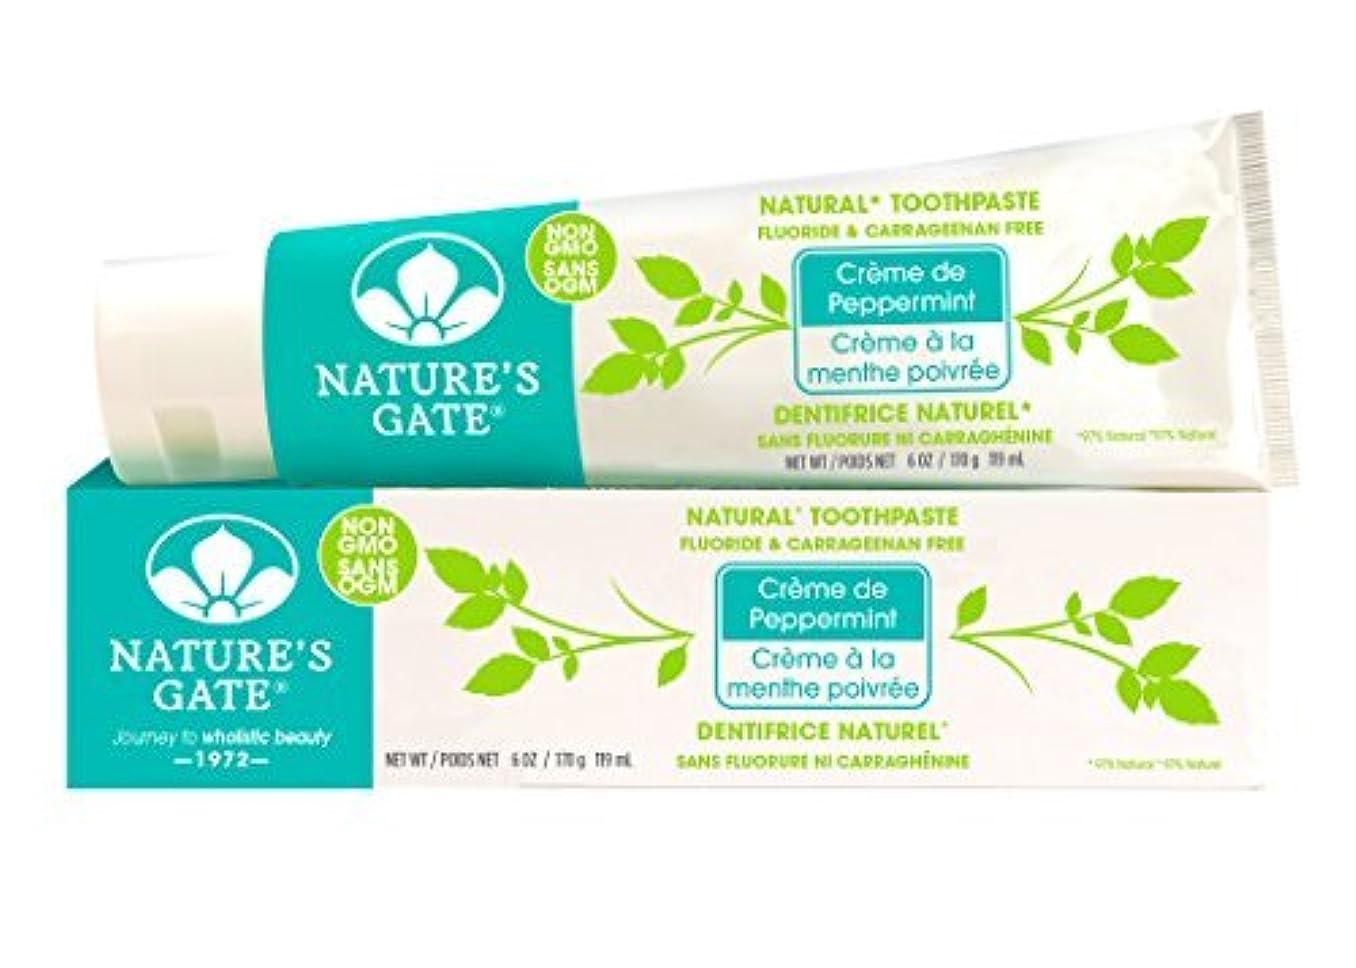 ゼリー満たす小道Nature's Gate Natural Toothpaste, Creme de Peppermint, 6-Ounce Tubes (Pack of 6) by Nature's Gate [並行輸入品]